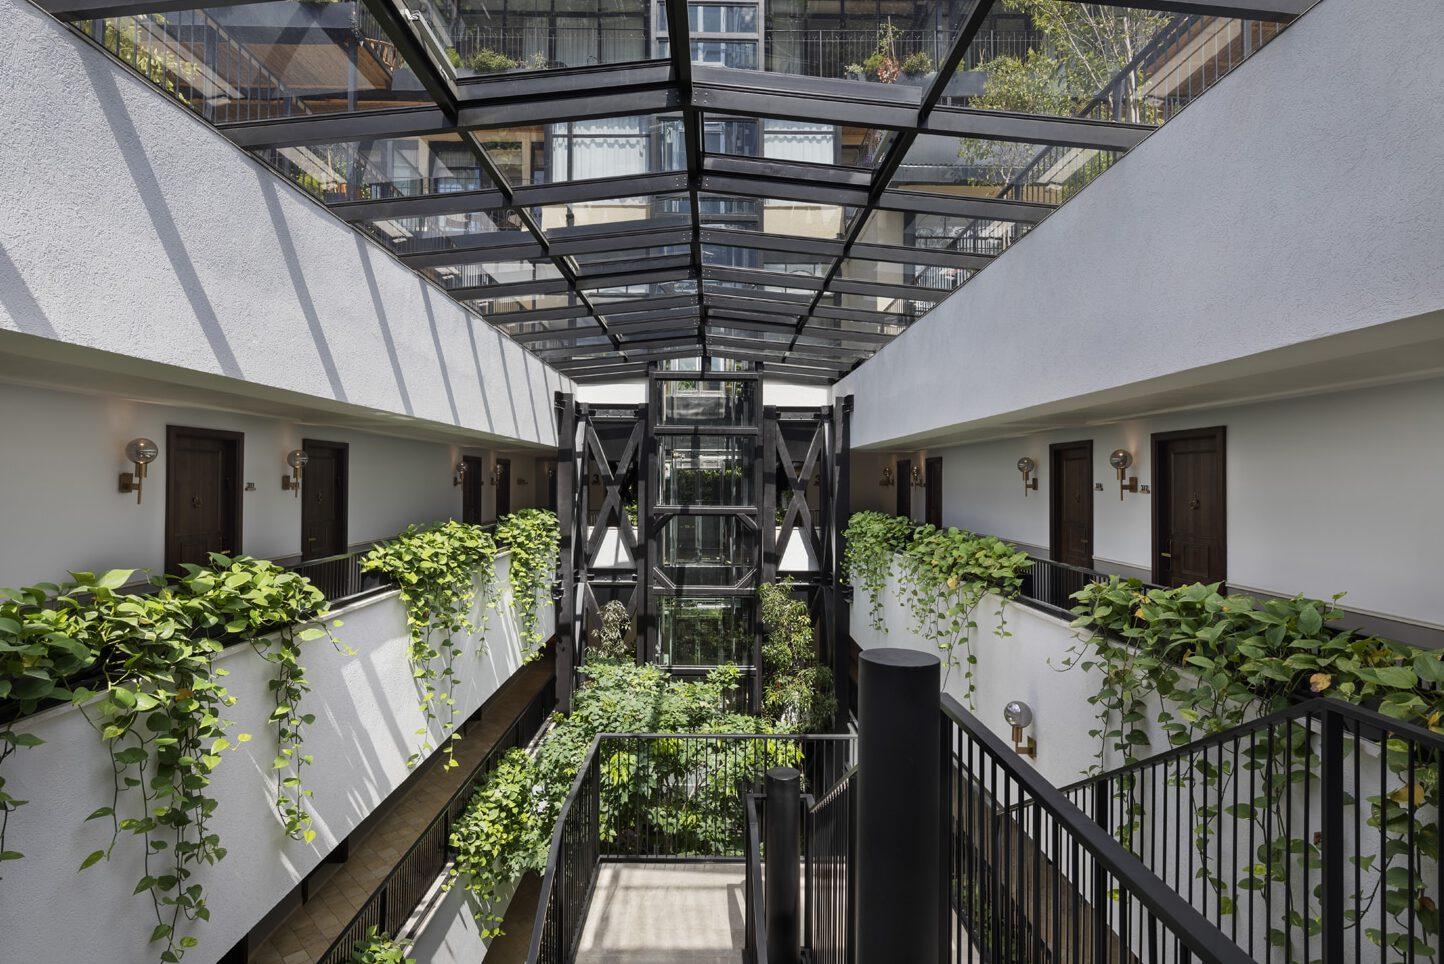 ISROTEL MIZPE HAYAMIM HOTEL